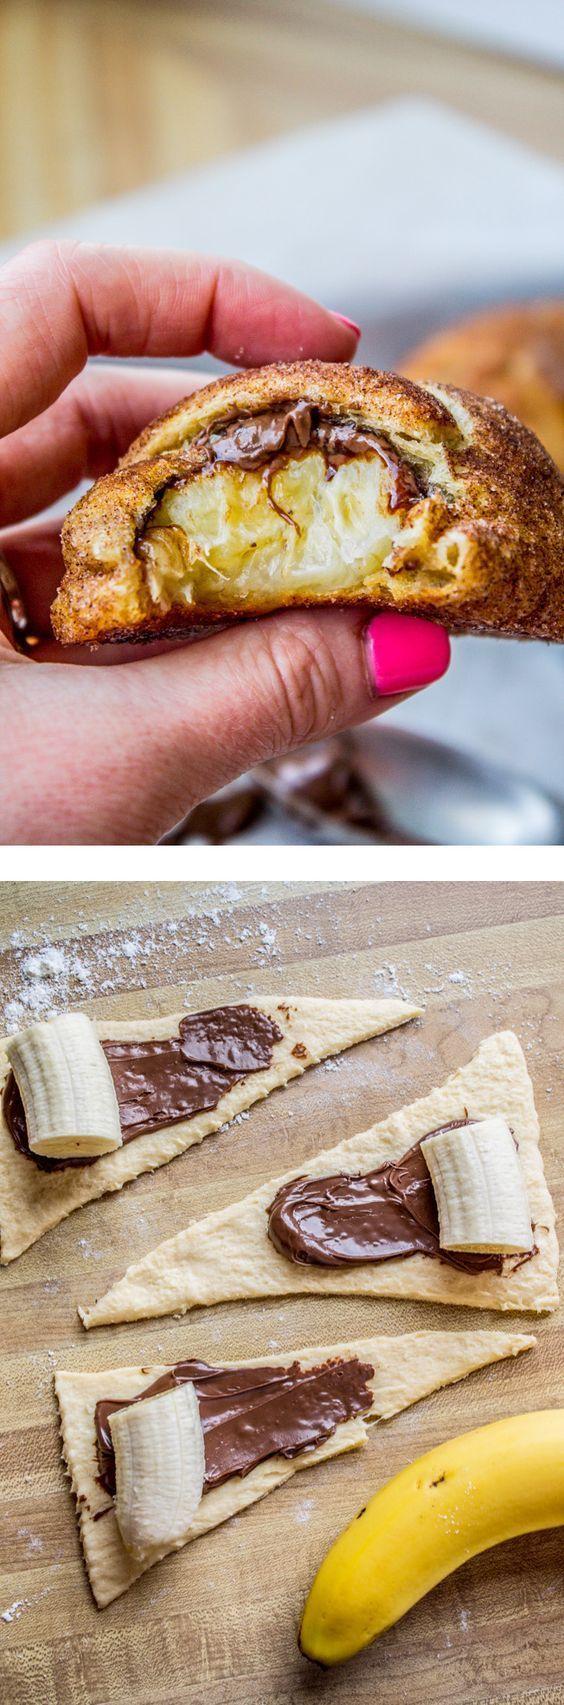 Homemade Nutella and Banana Stuffed Crescent Rolls | Pechenuhi